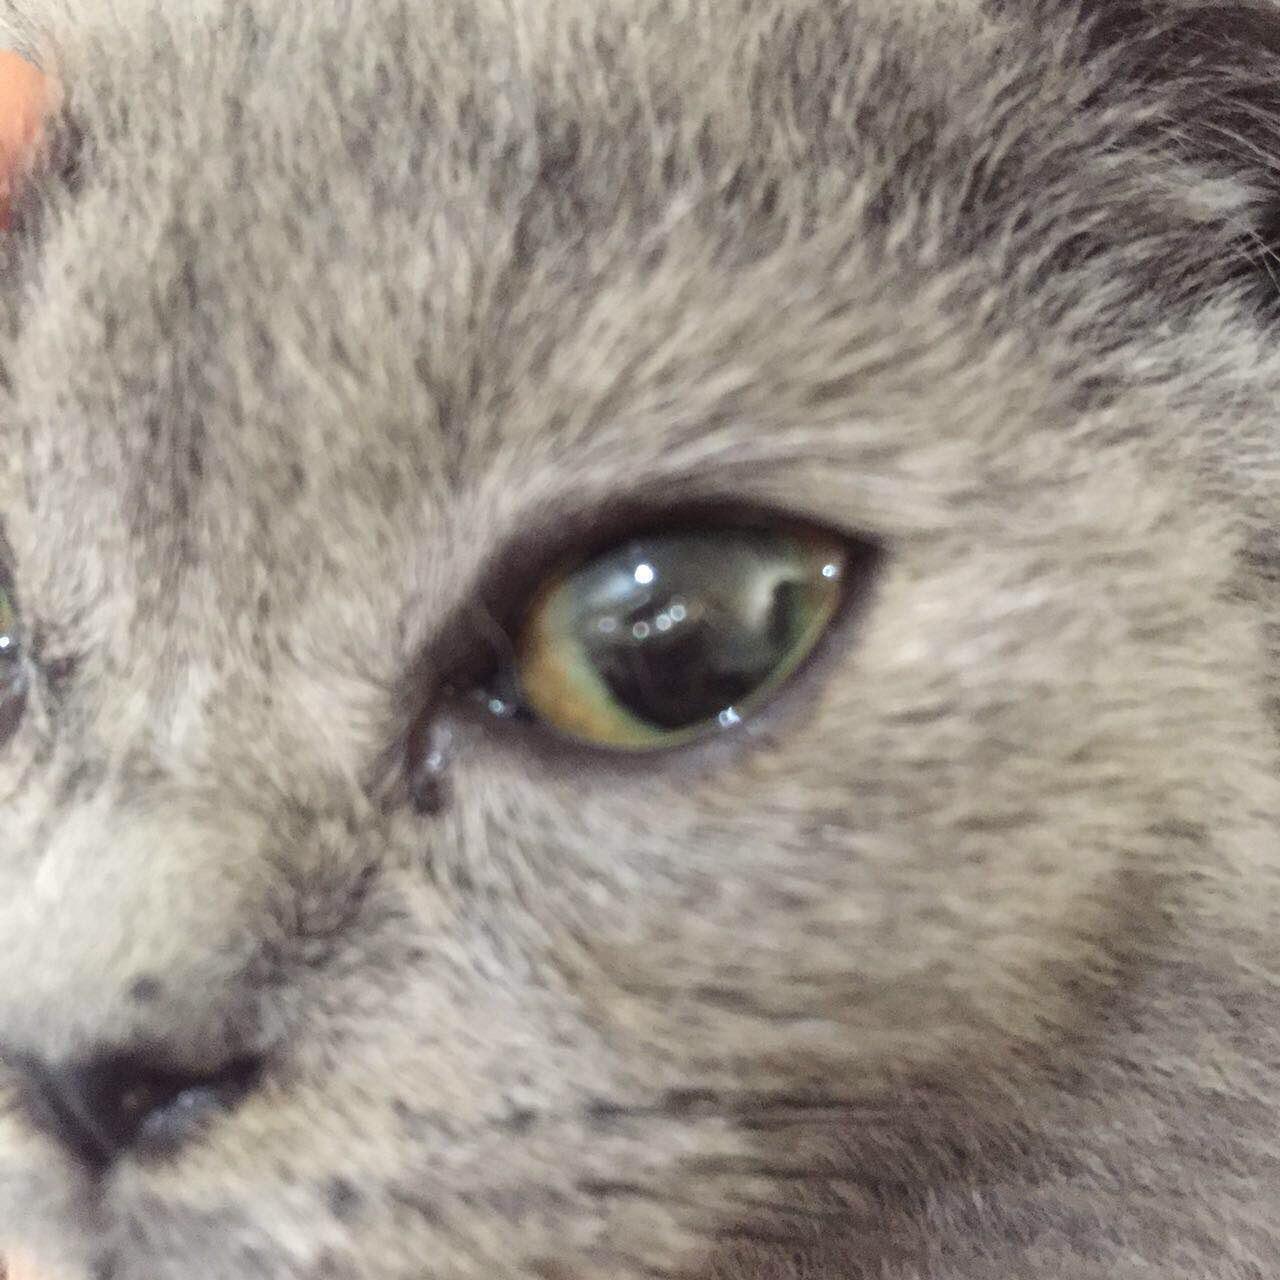 眼睛玻璃体有褶皱